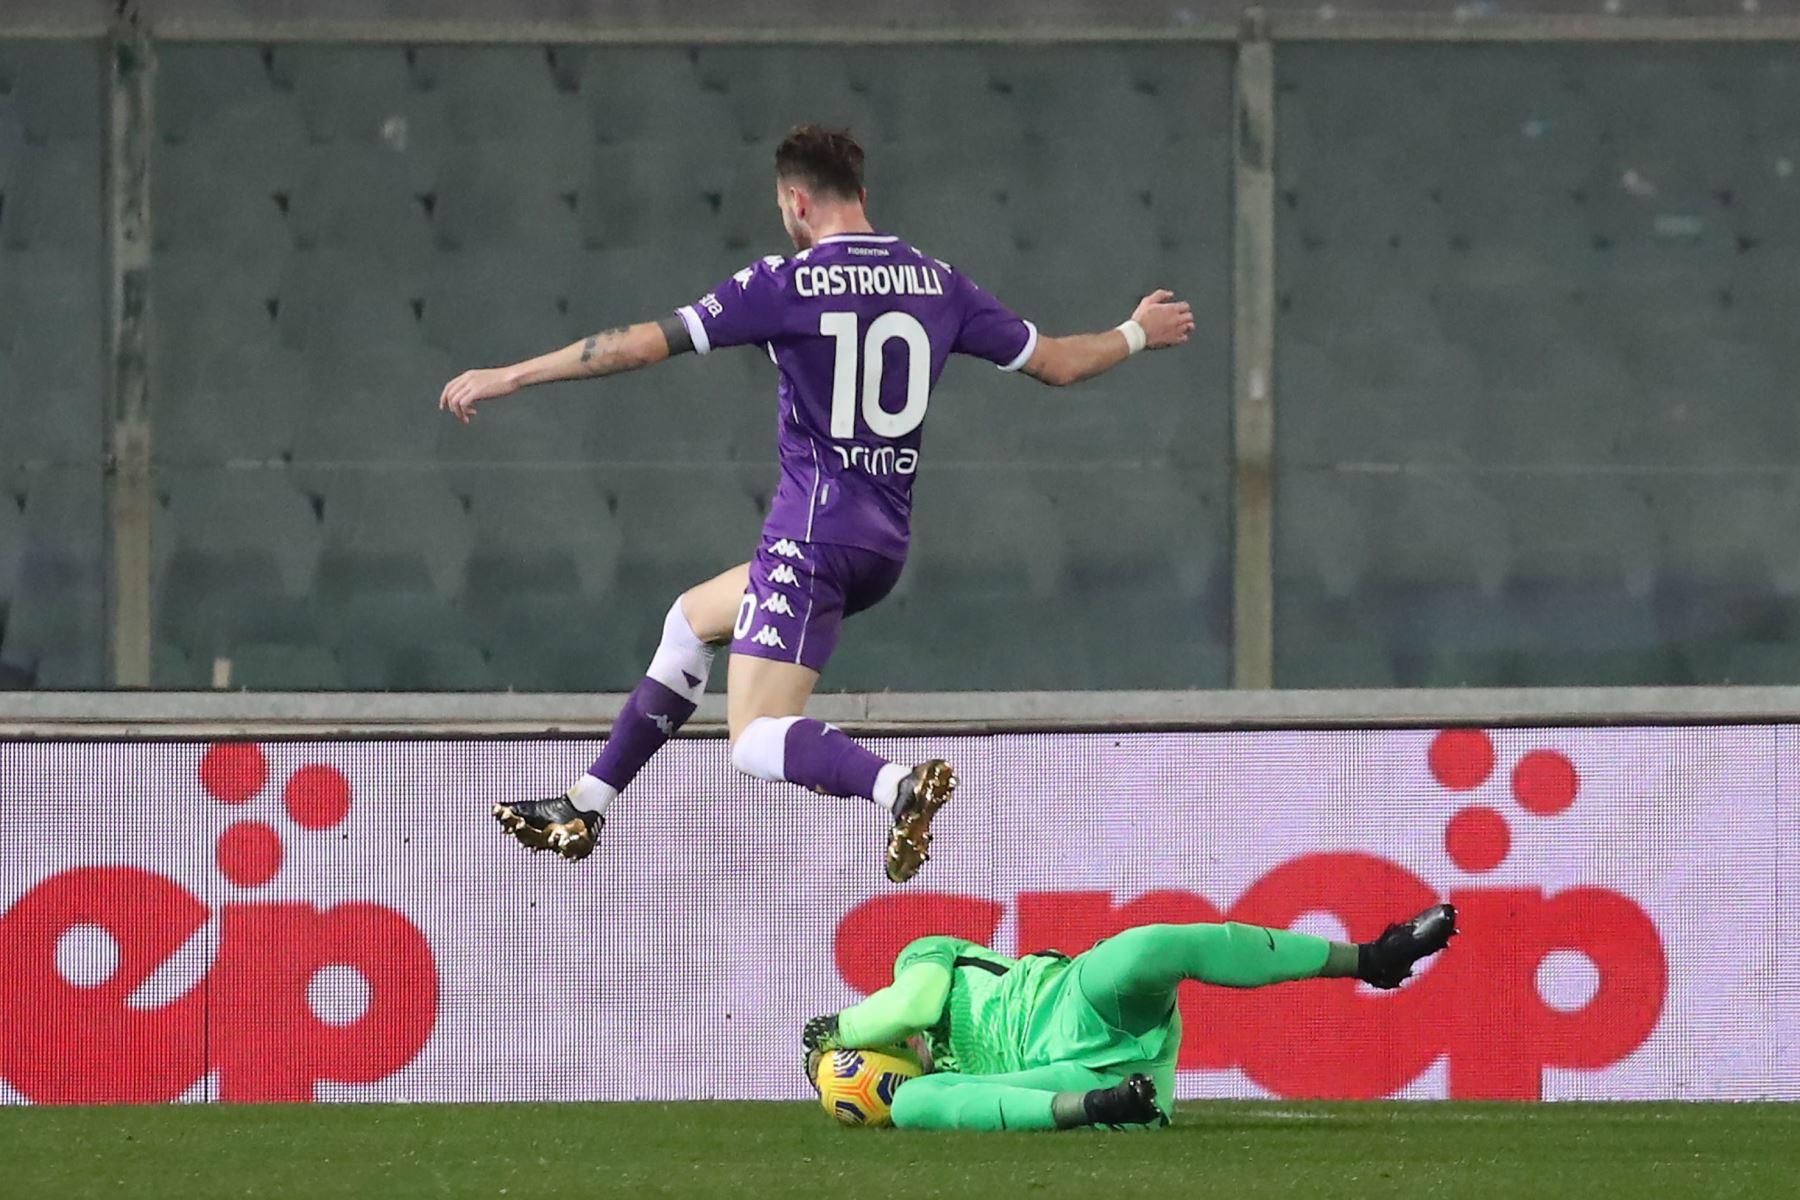 El centrocampista de la Fiorentina Gaetano Castrovilli contra el portero de la Roma Pau López durante el partido de fútbol de la Serie A italiana. Foto: EFE